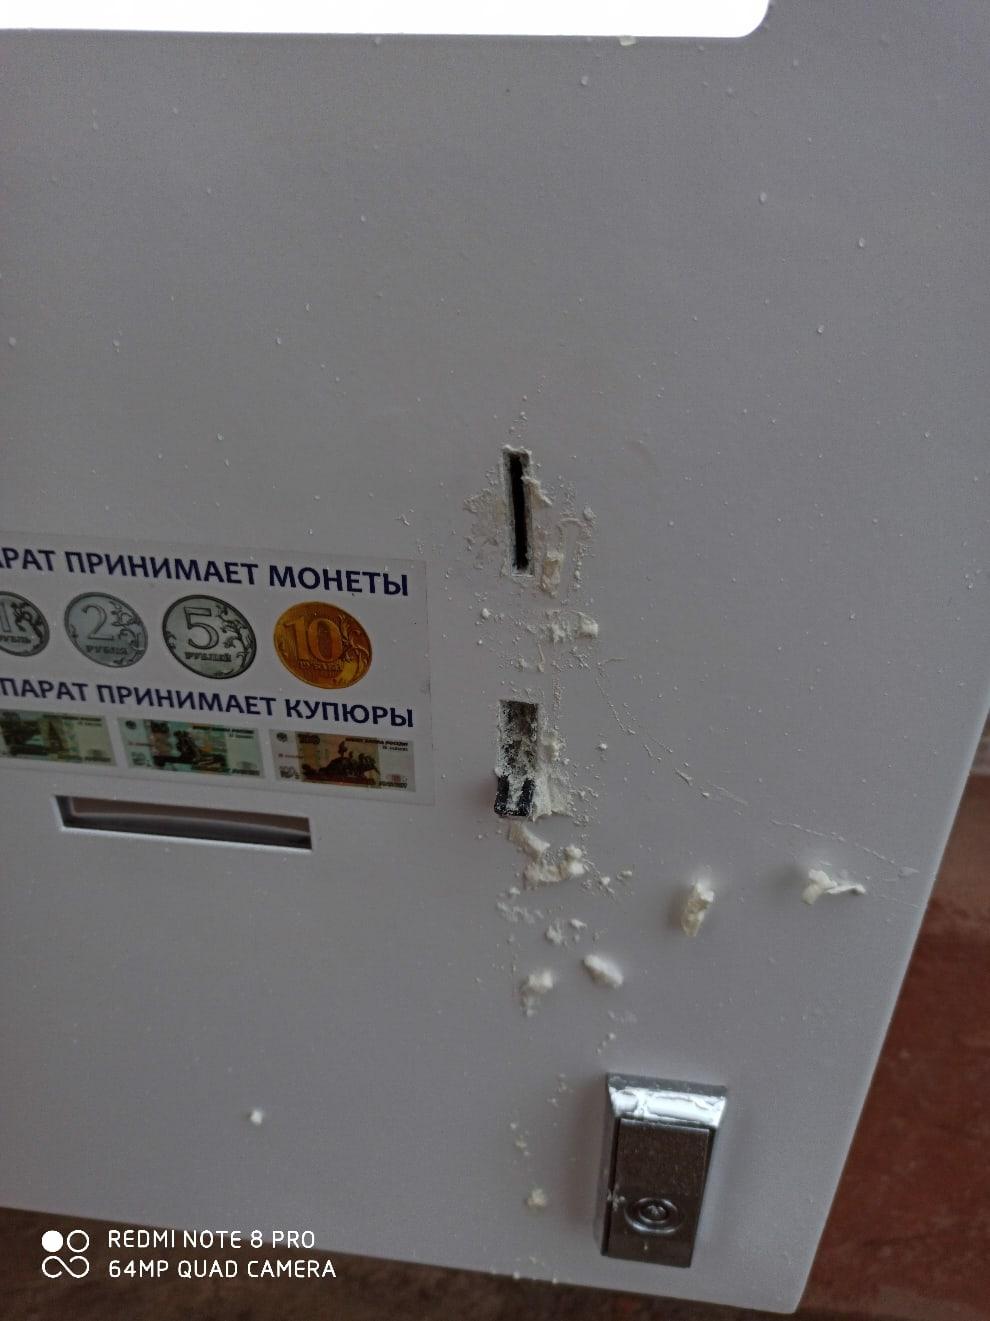 В Смоленске вандал залил монтажной пеной автомат по розливу воды